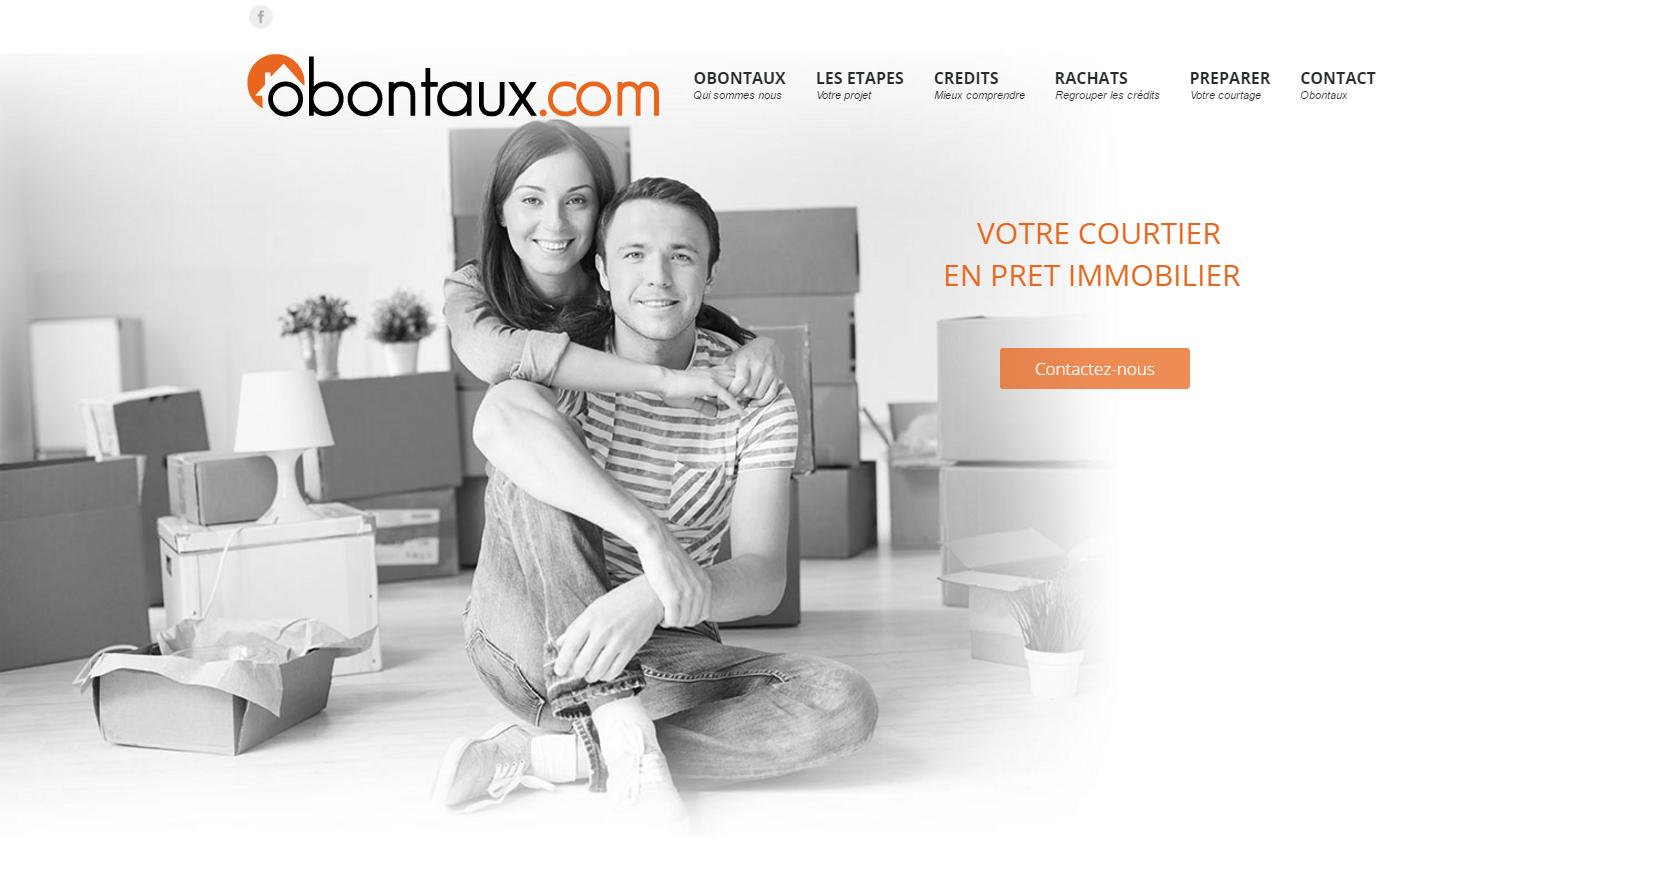 obontaux.com